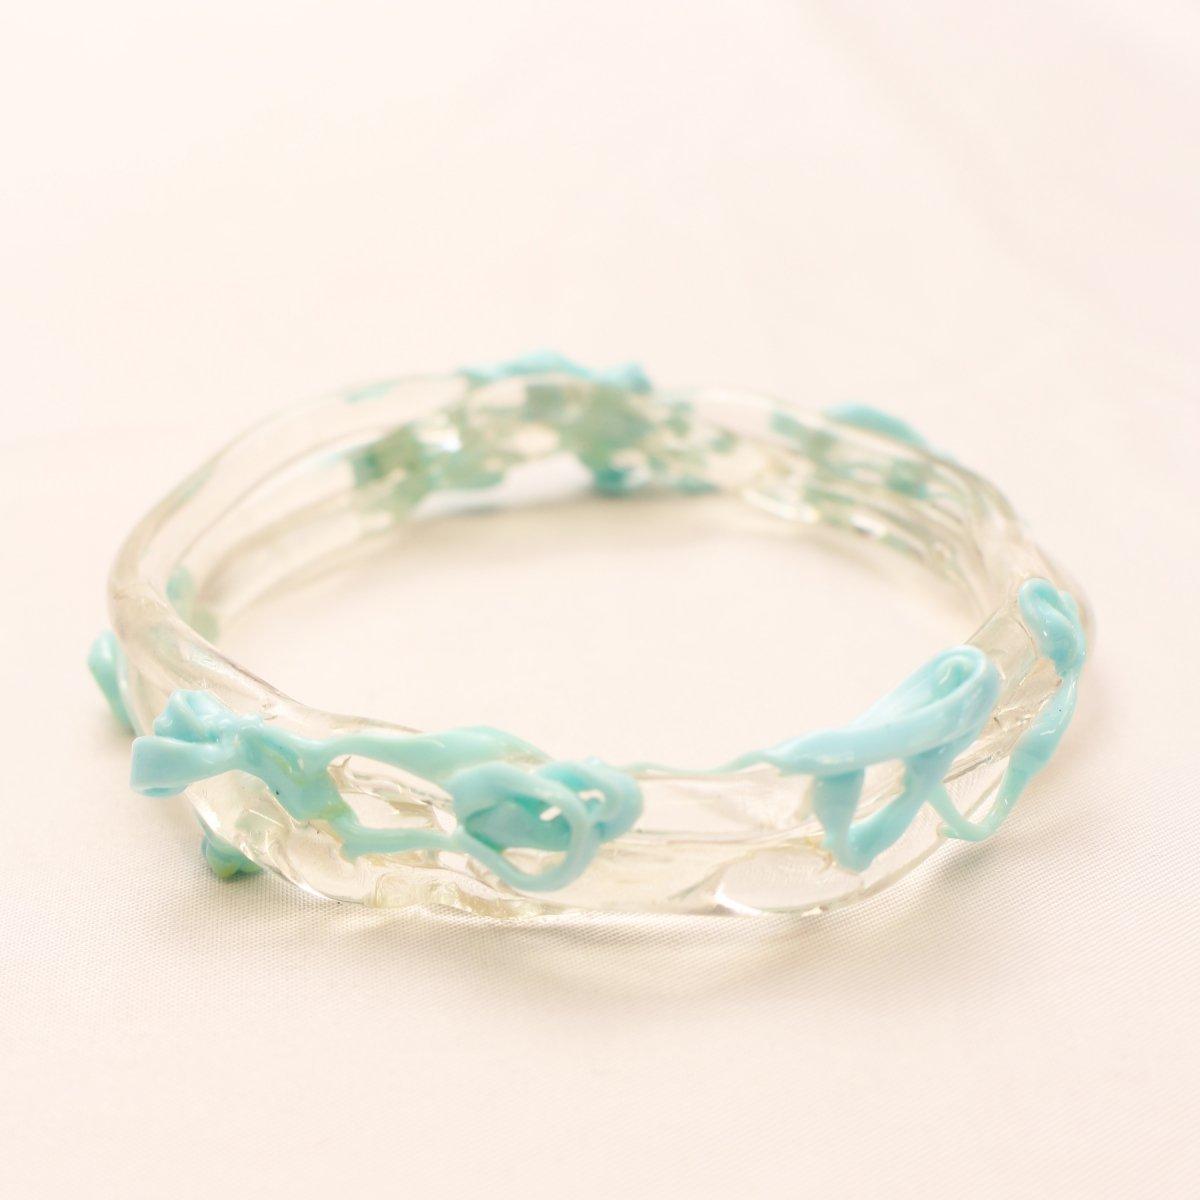 wrist bands【CLEAR×LIGHT BLUE】